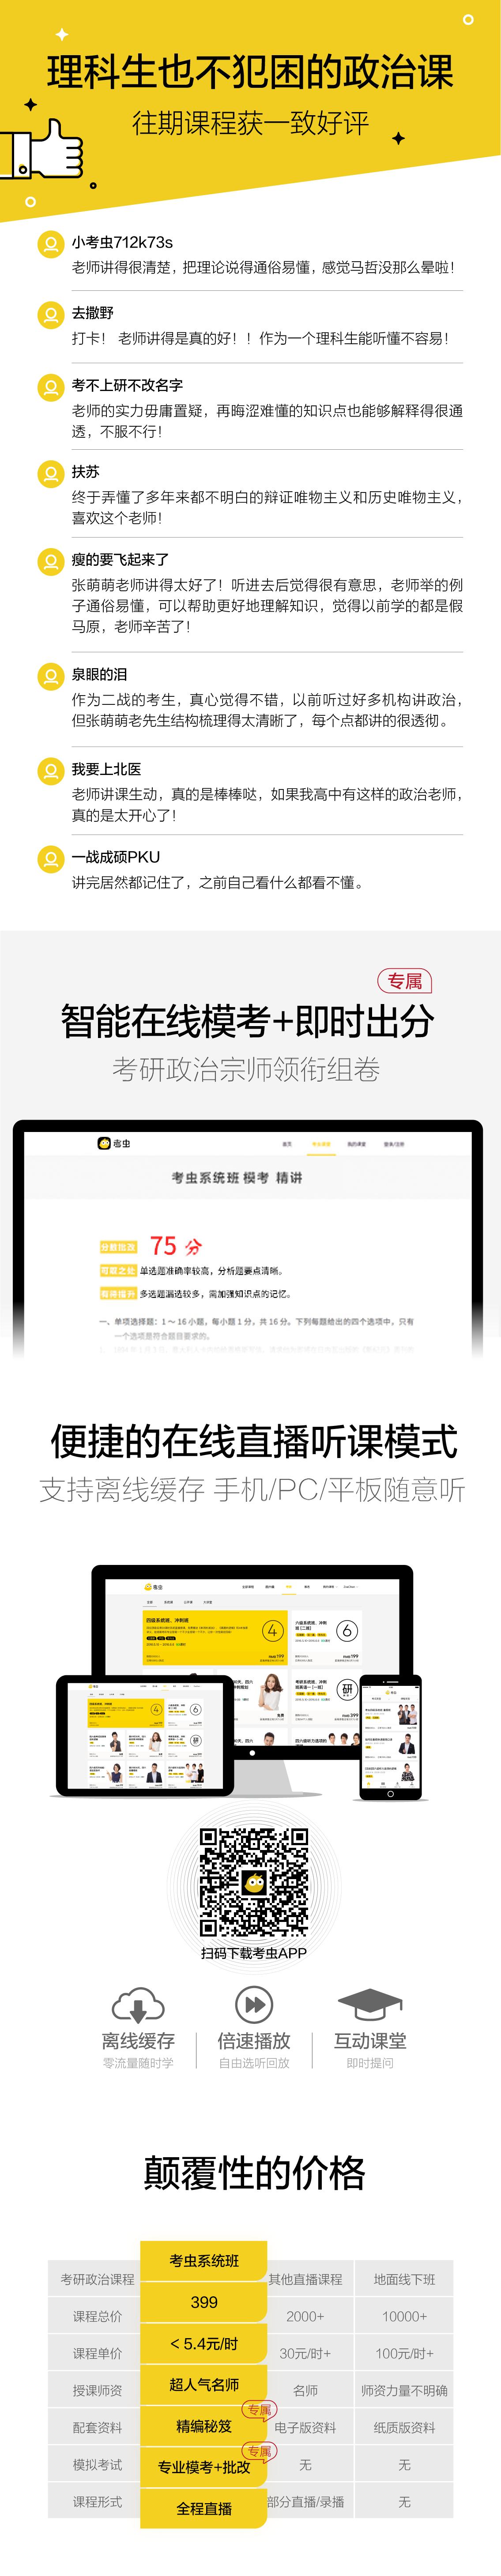 考研18政治大纲班-03.png